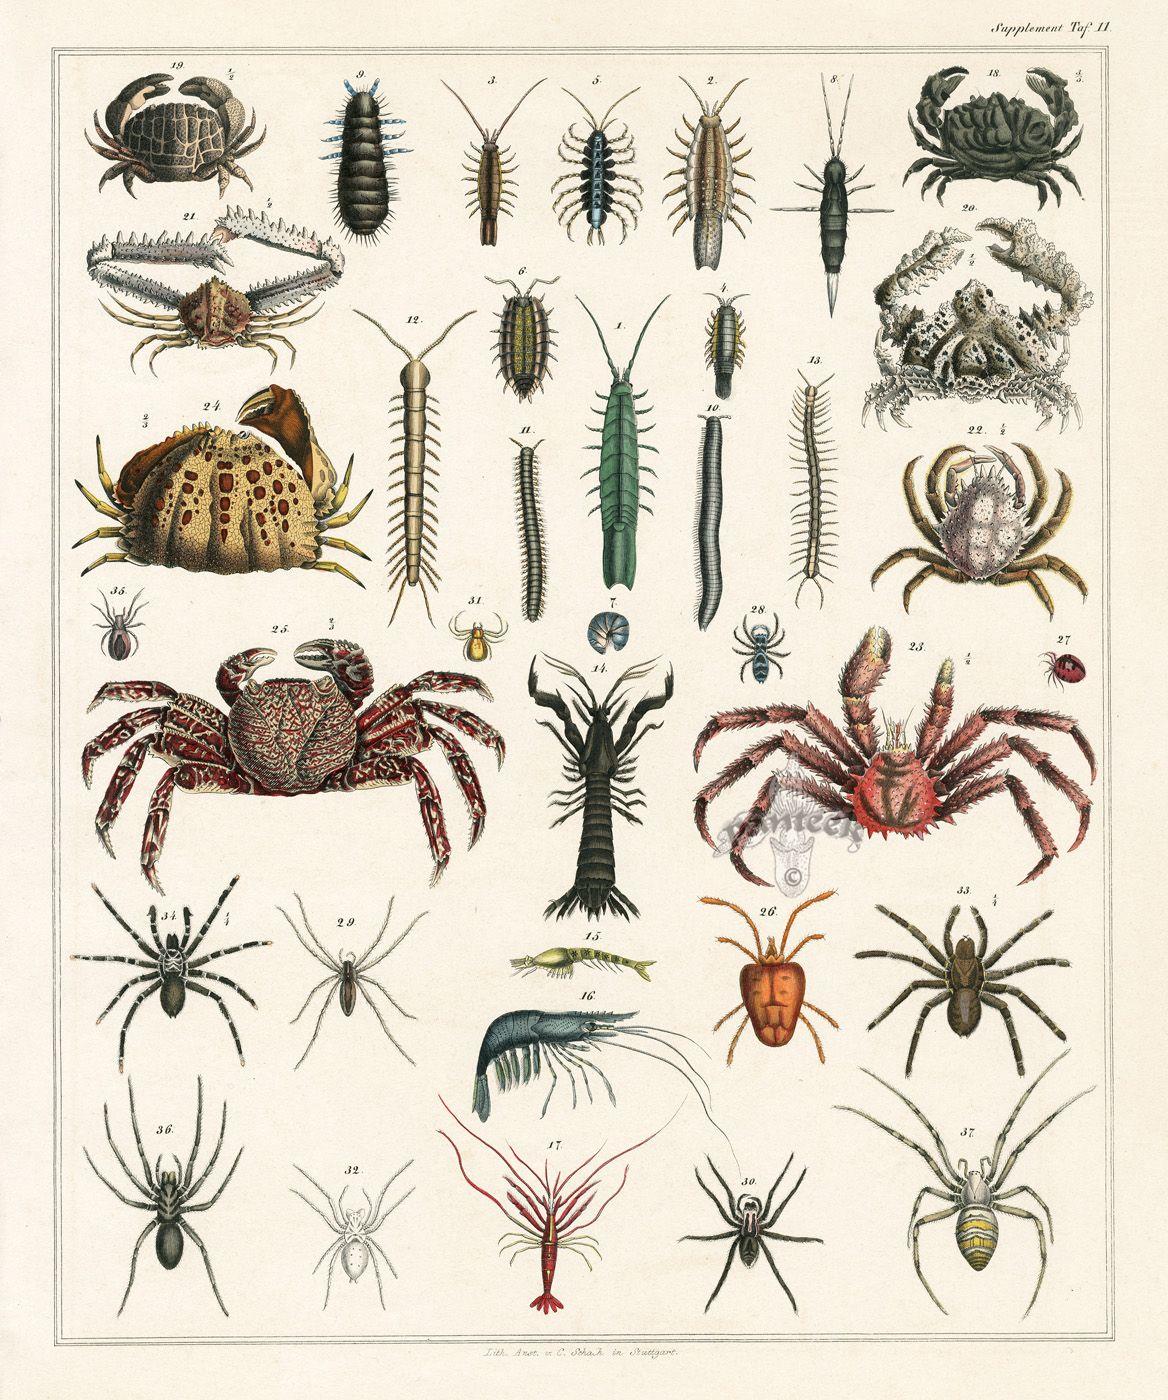 Crabs from Lorenz Oken Abbildungen Naturgeschichte für alle Stände Prints 1843